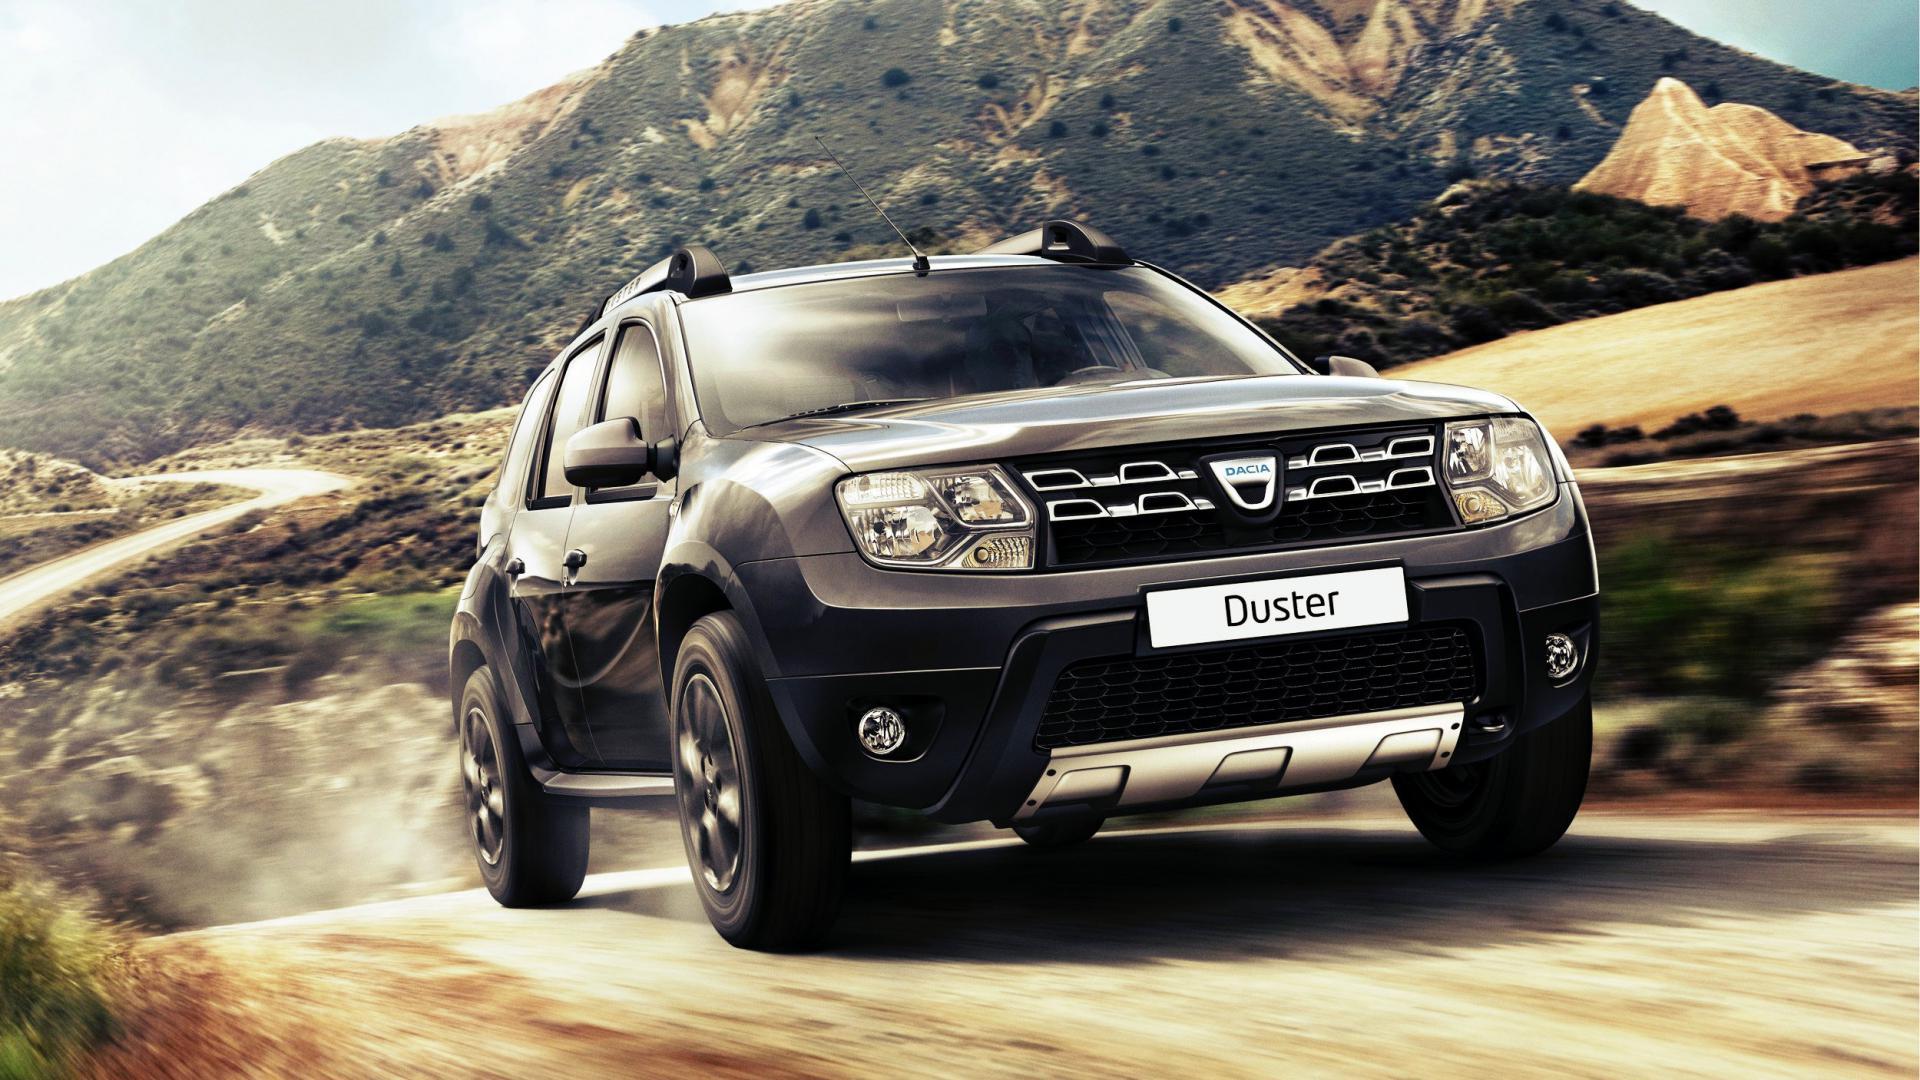 Che spazzole tergicristalli monta la Dacia Duster (dal 2009 al 2014)?